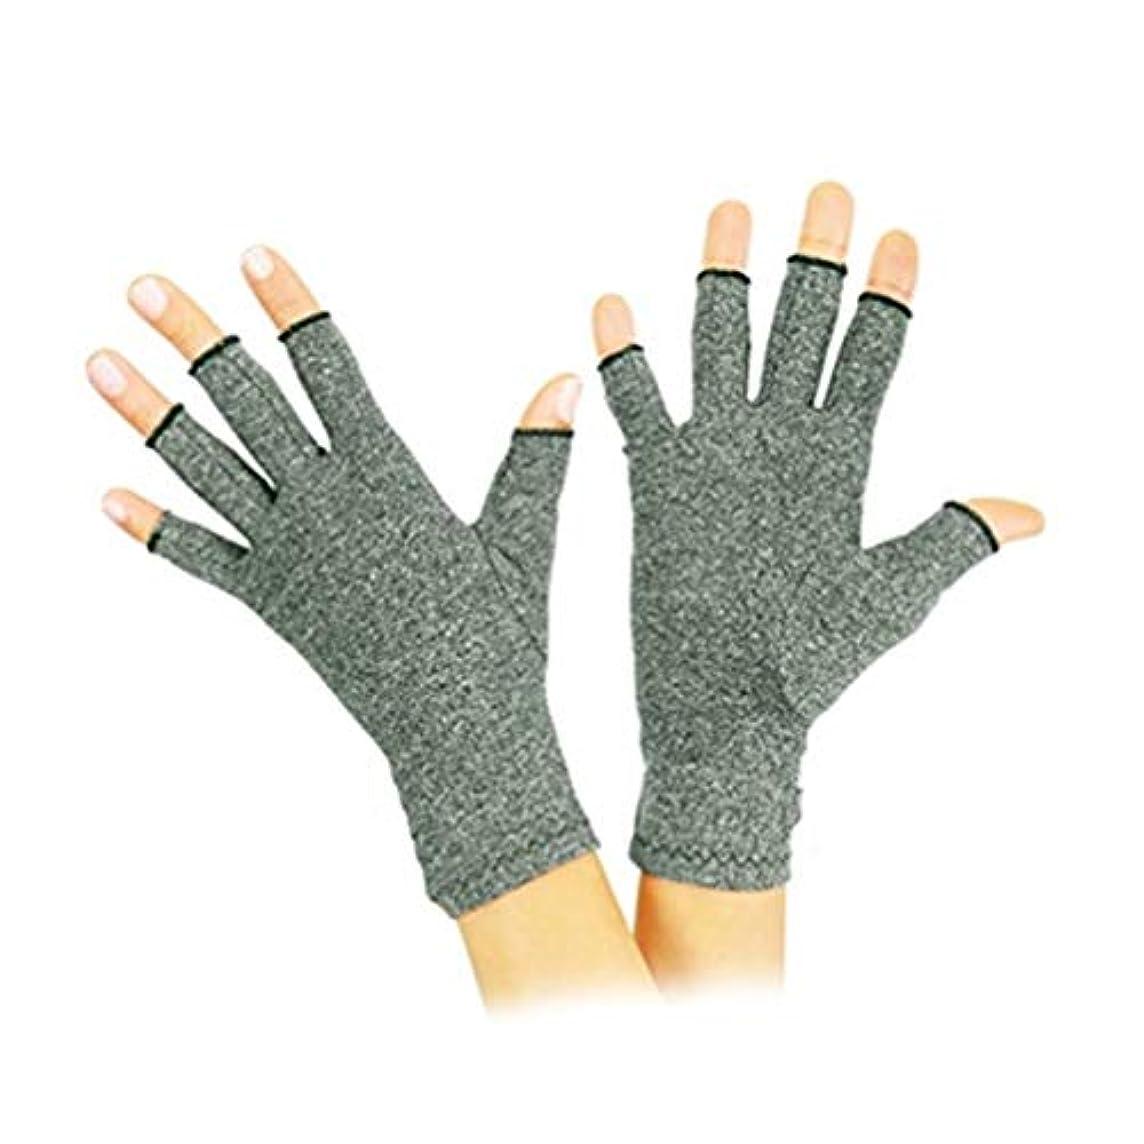 大きなスケールで見ると増幅器郵便物関節リウマチリウマチ性変形性関節症用手袋圧縮手袋コンピュータ入力用痛み緩和